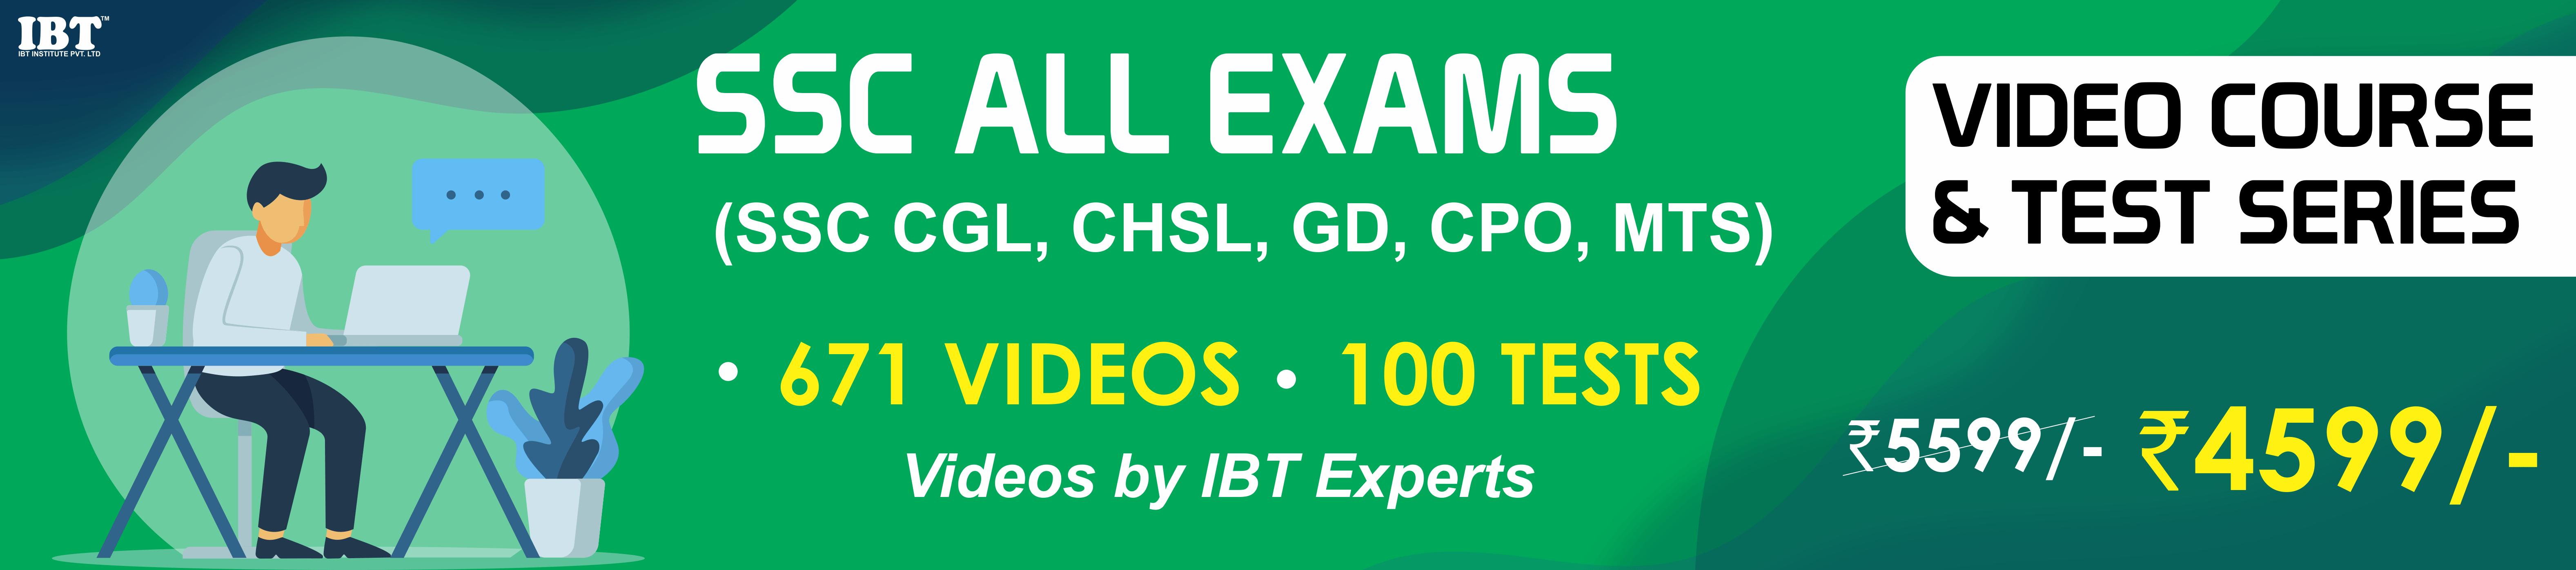 SSC CHSL 2019: SSC CHSL Notification   SSC CHSL Exam Dates